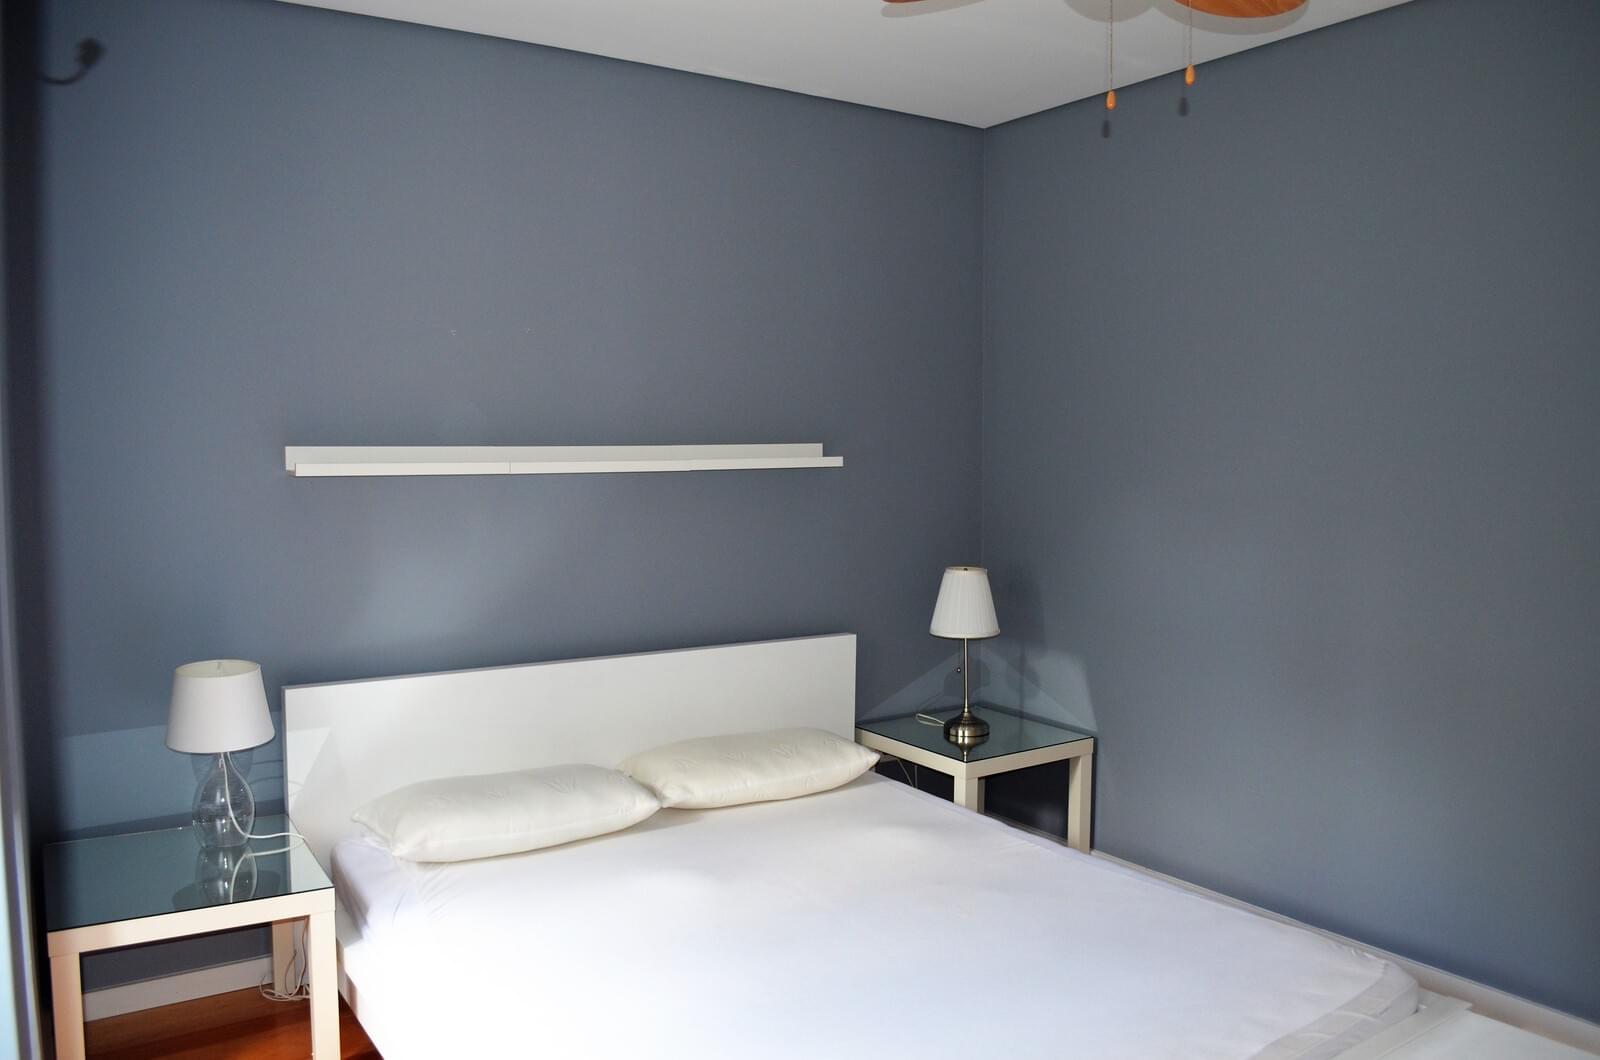 pf17785-apartamento-t1-lisboa-2a93b441-4038-4997-99b8-fd4f35ecad72